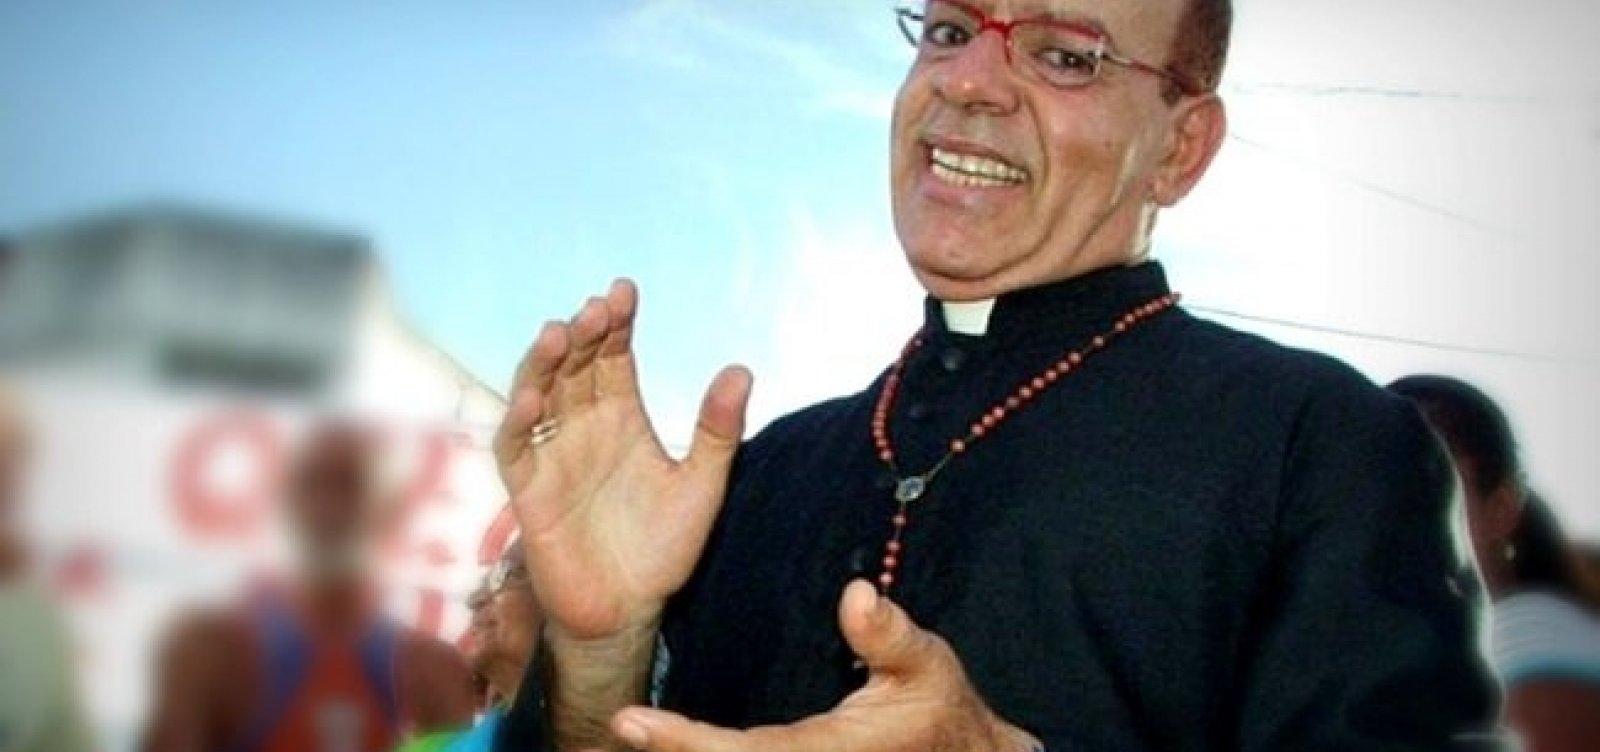 [Padre Pinto: atuação comunitária foi tão importante quanto a performática]